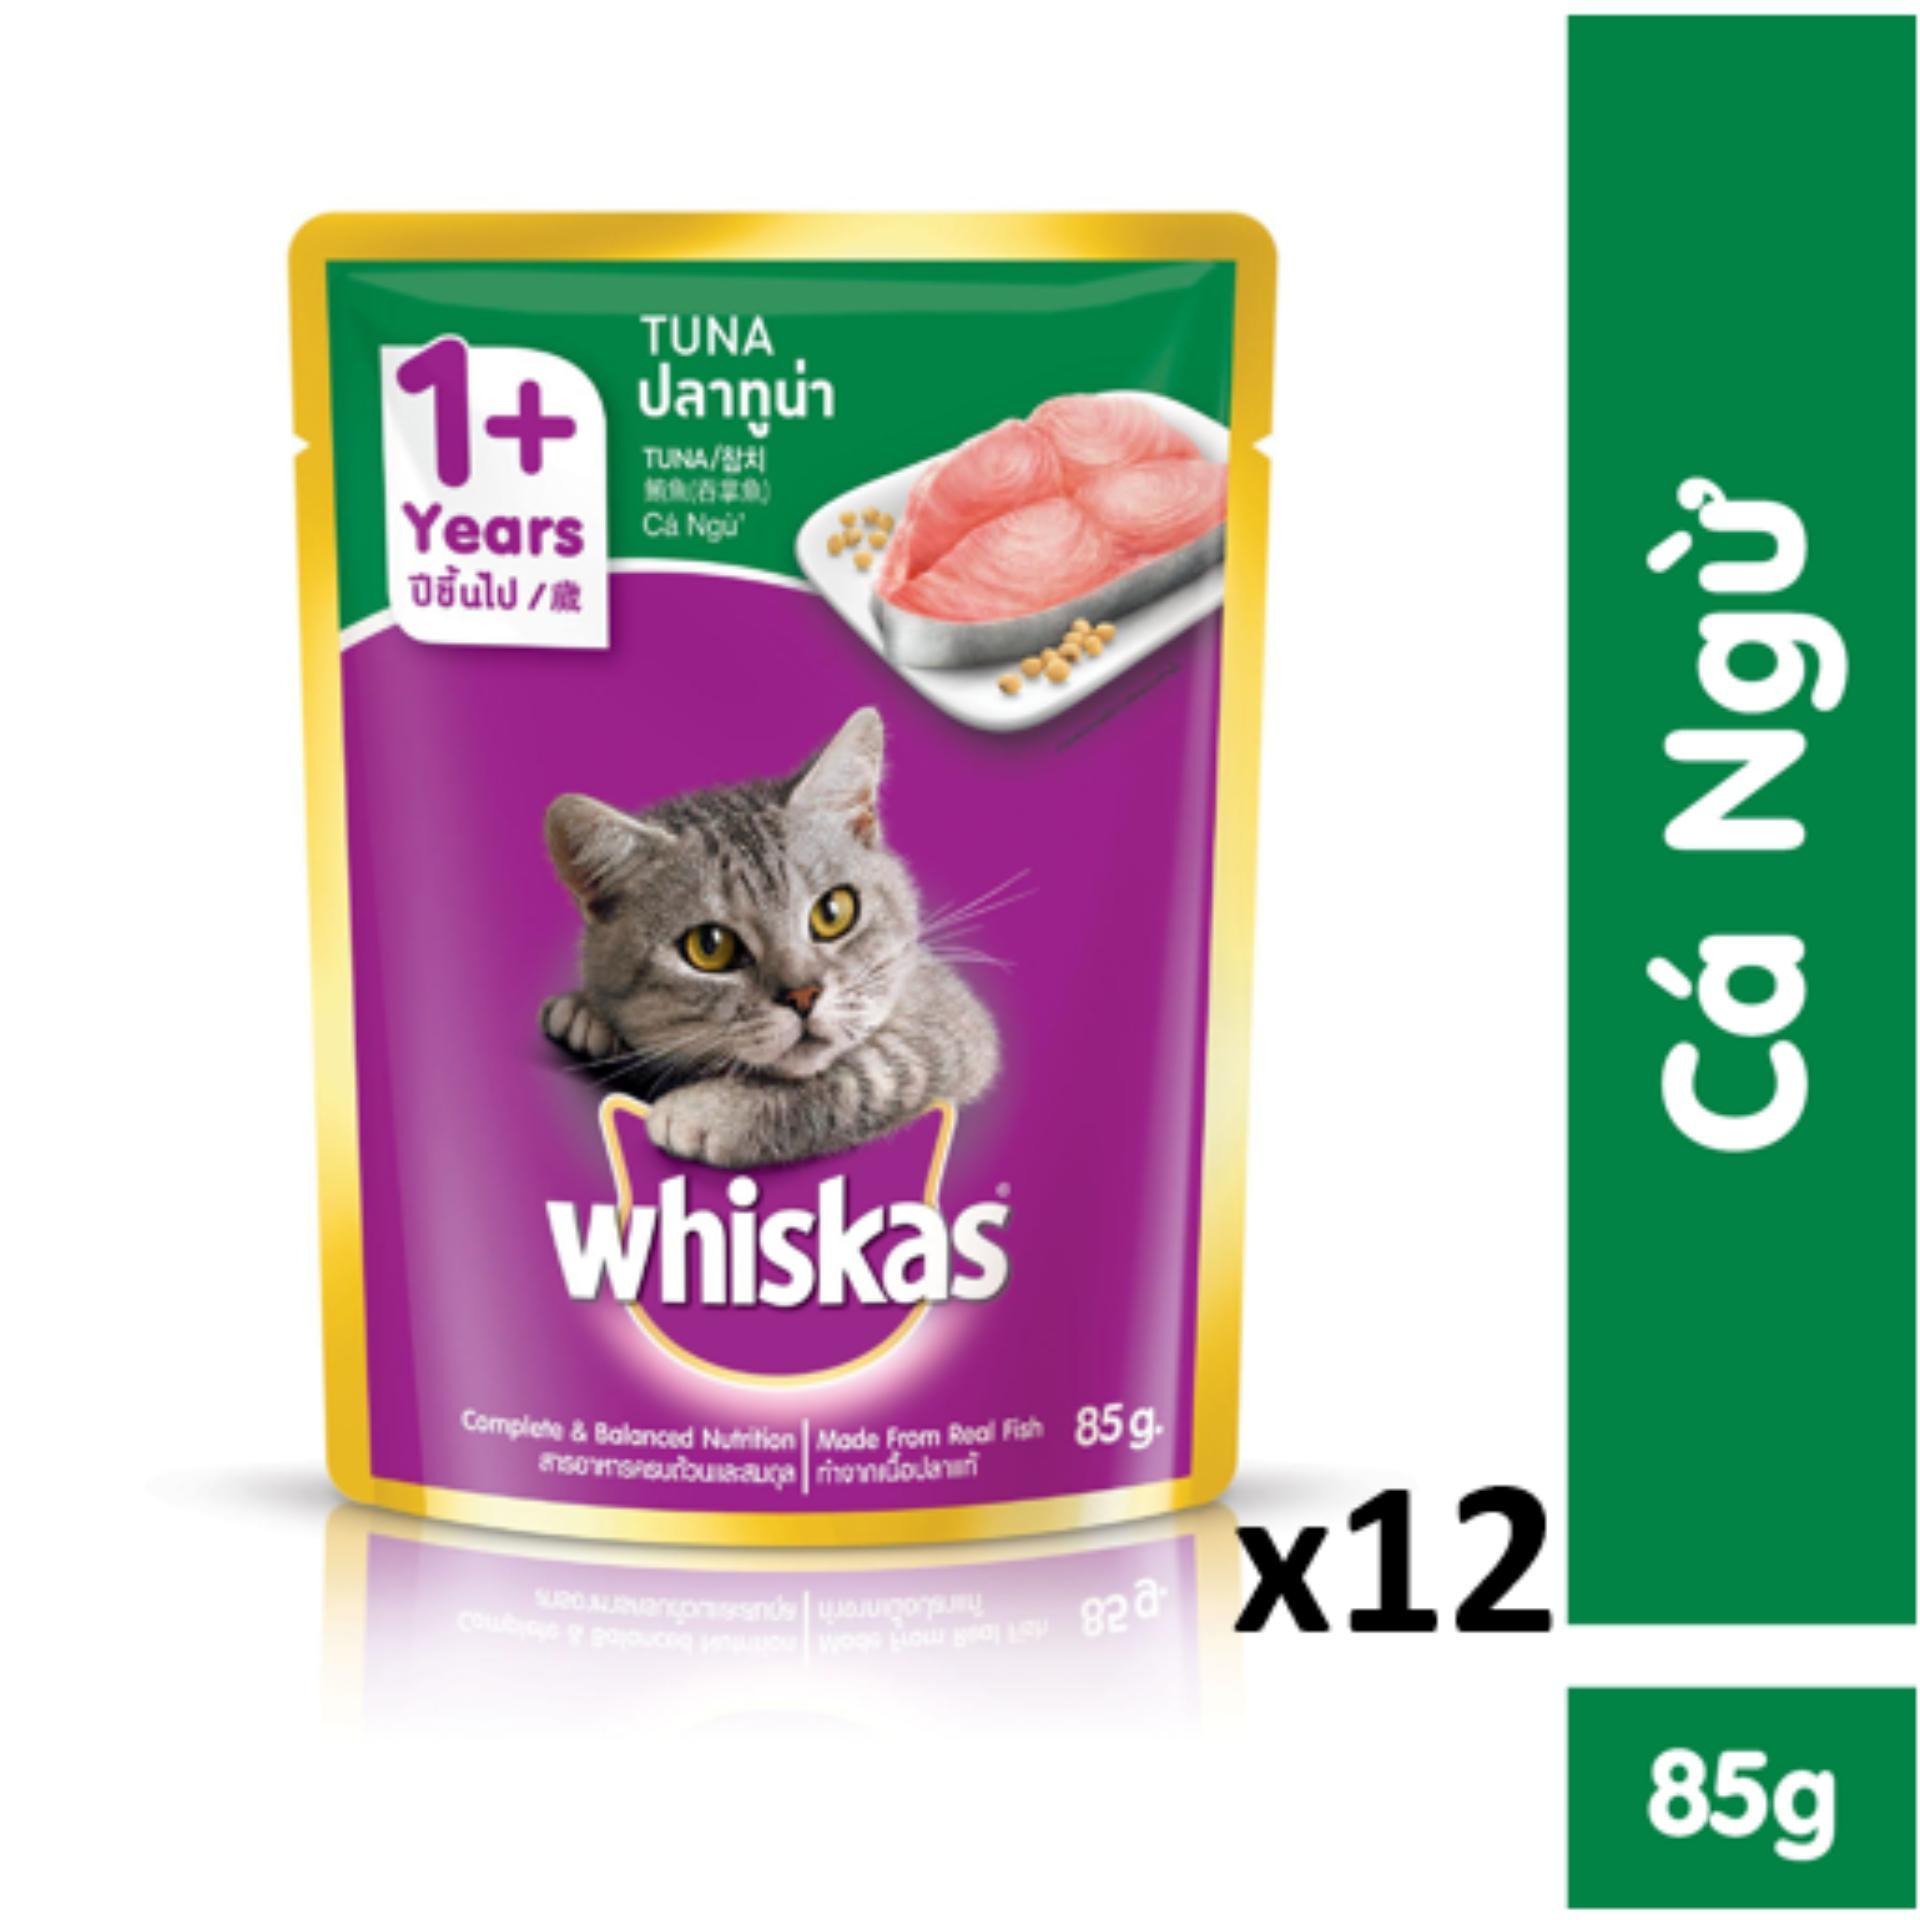 Bộ 12 Túi Thức ăn Cho Mèo Whiskas Vị Cá Ngừ 85g Đang Có Khuyến Mãi